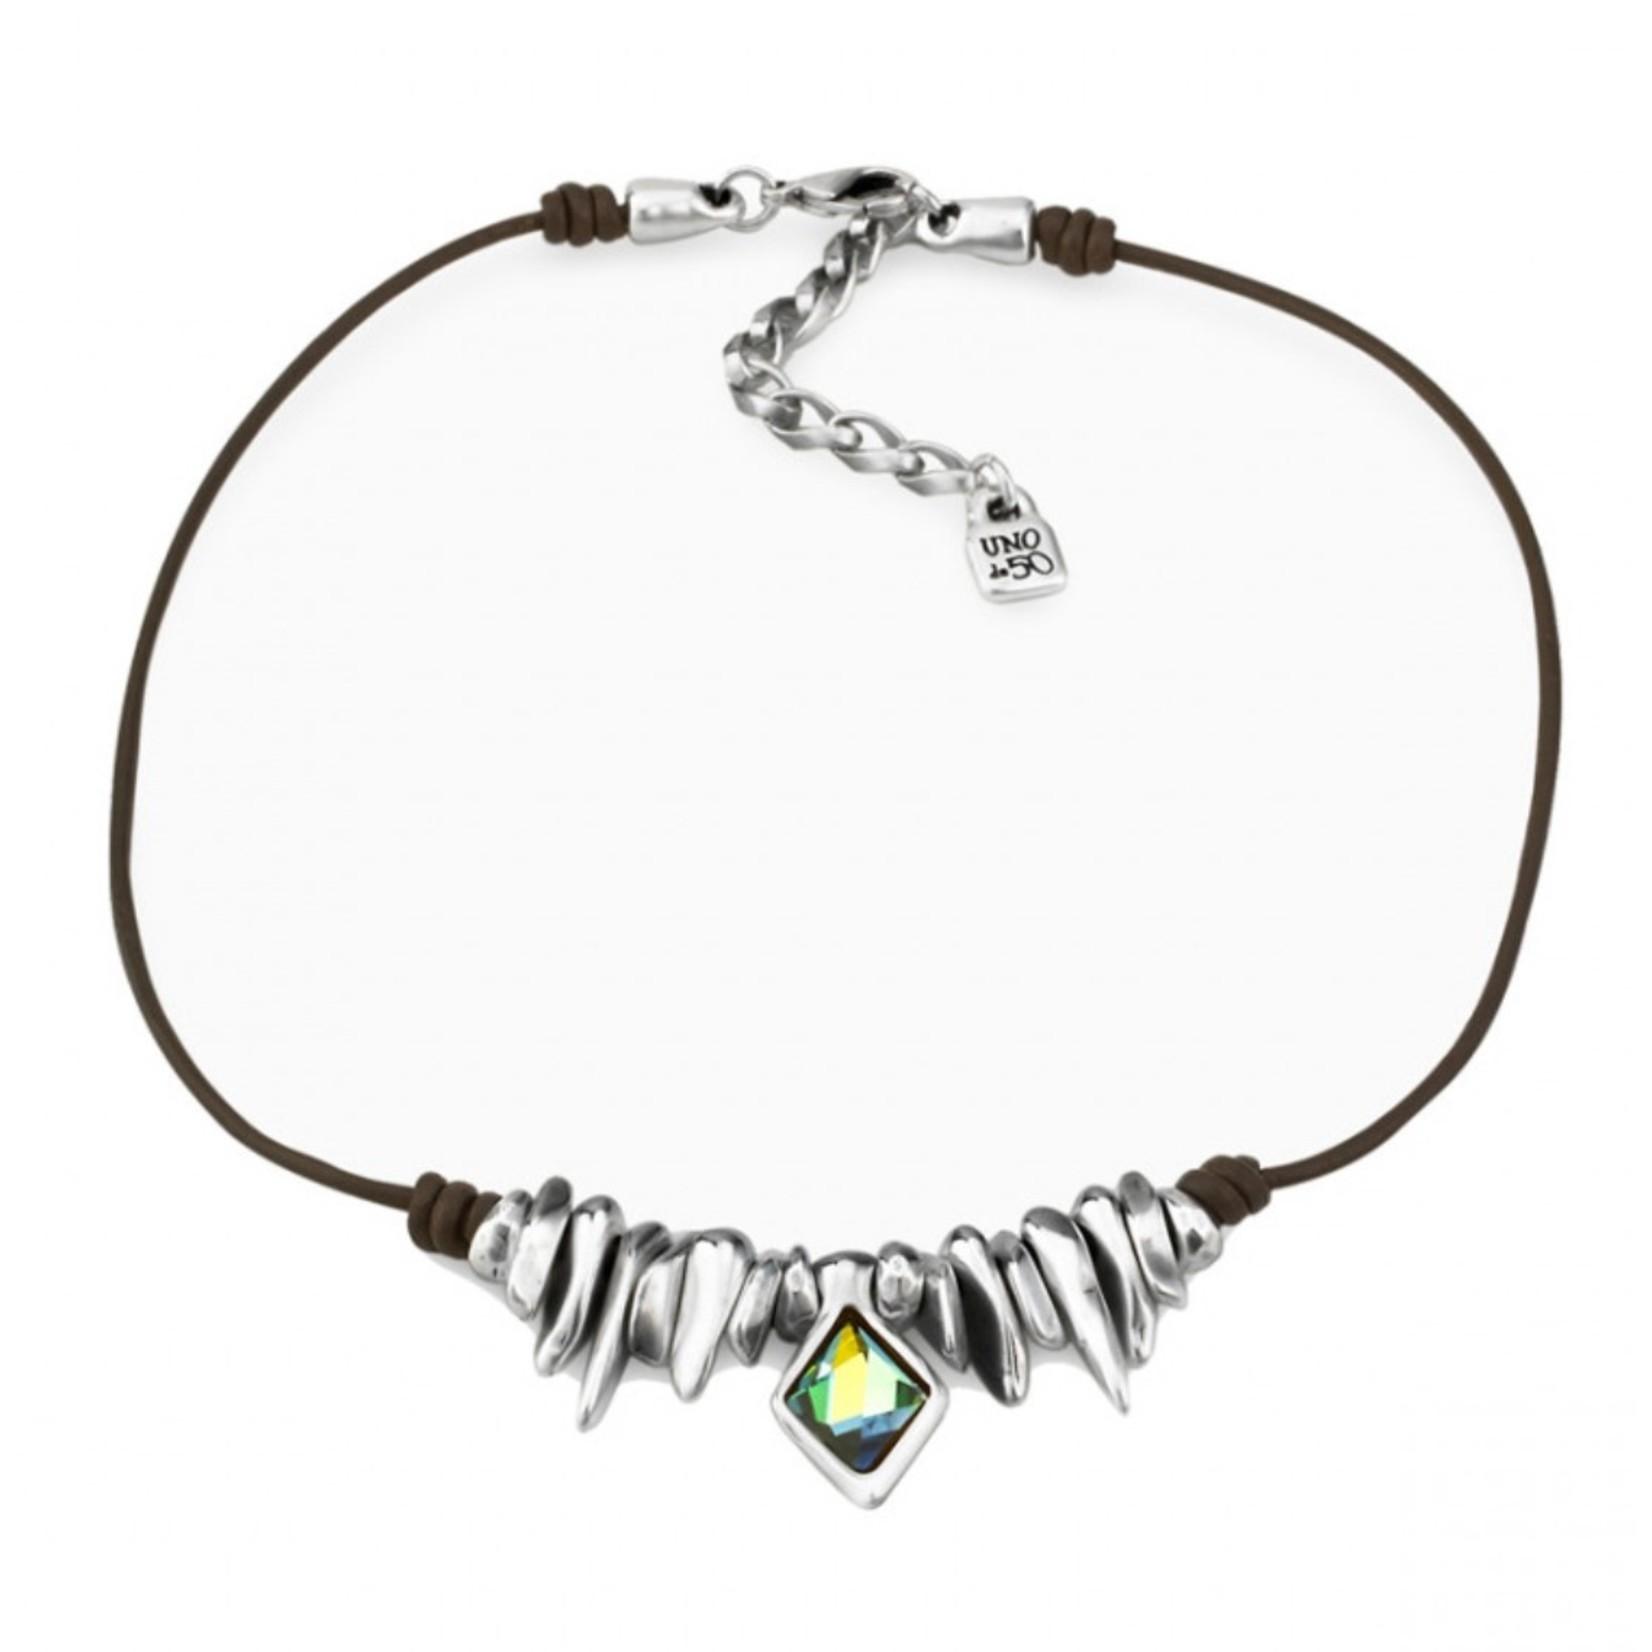 Uno de 50 Stalagmite Necklace